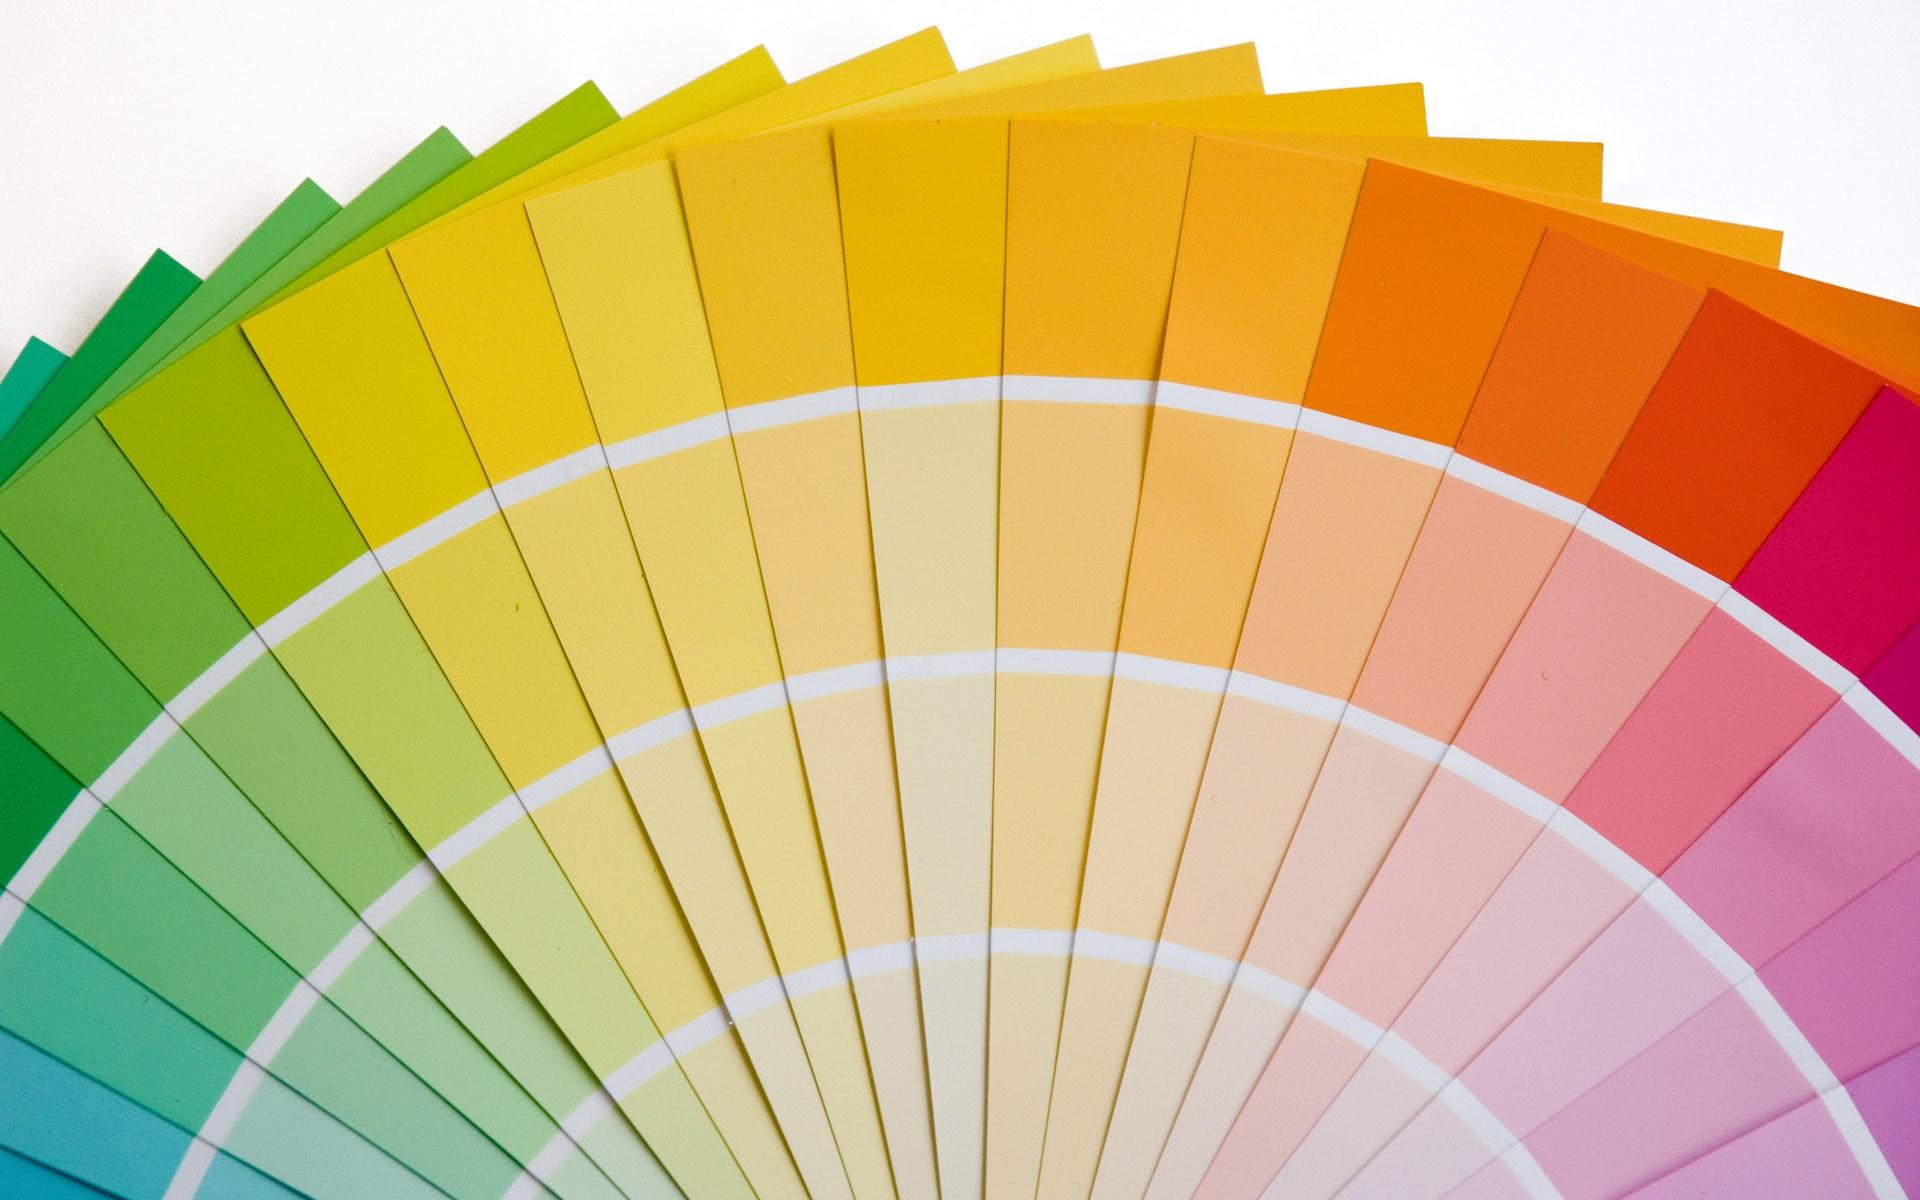 Papeles multicolor - 1920x1200